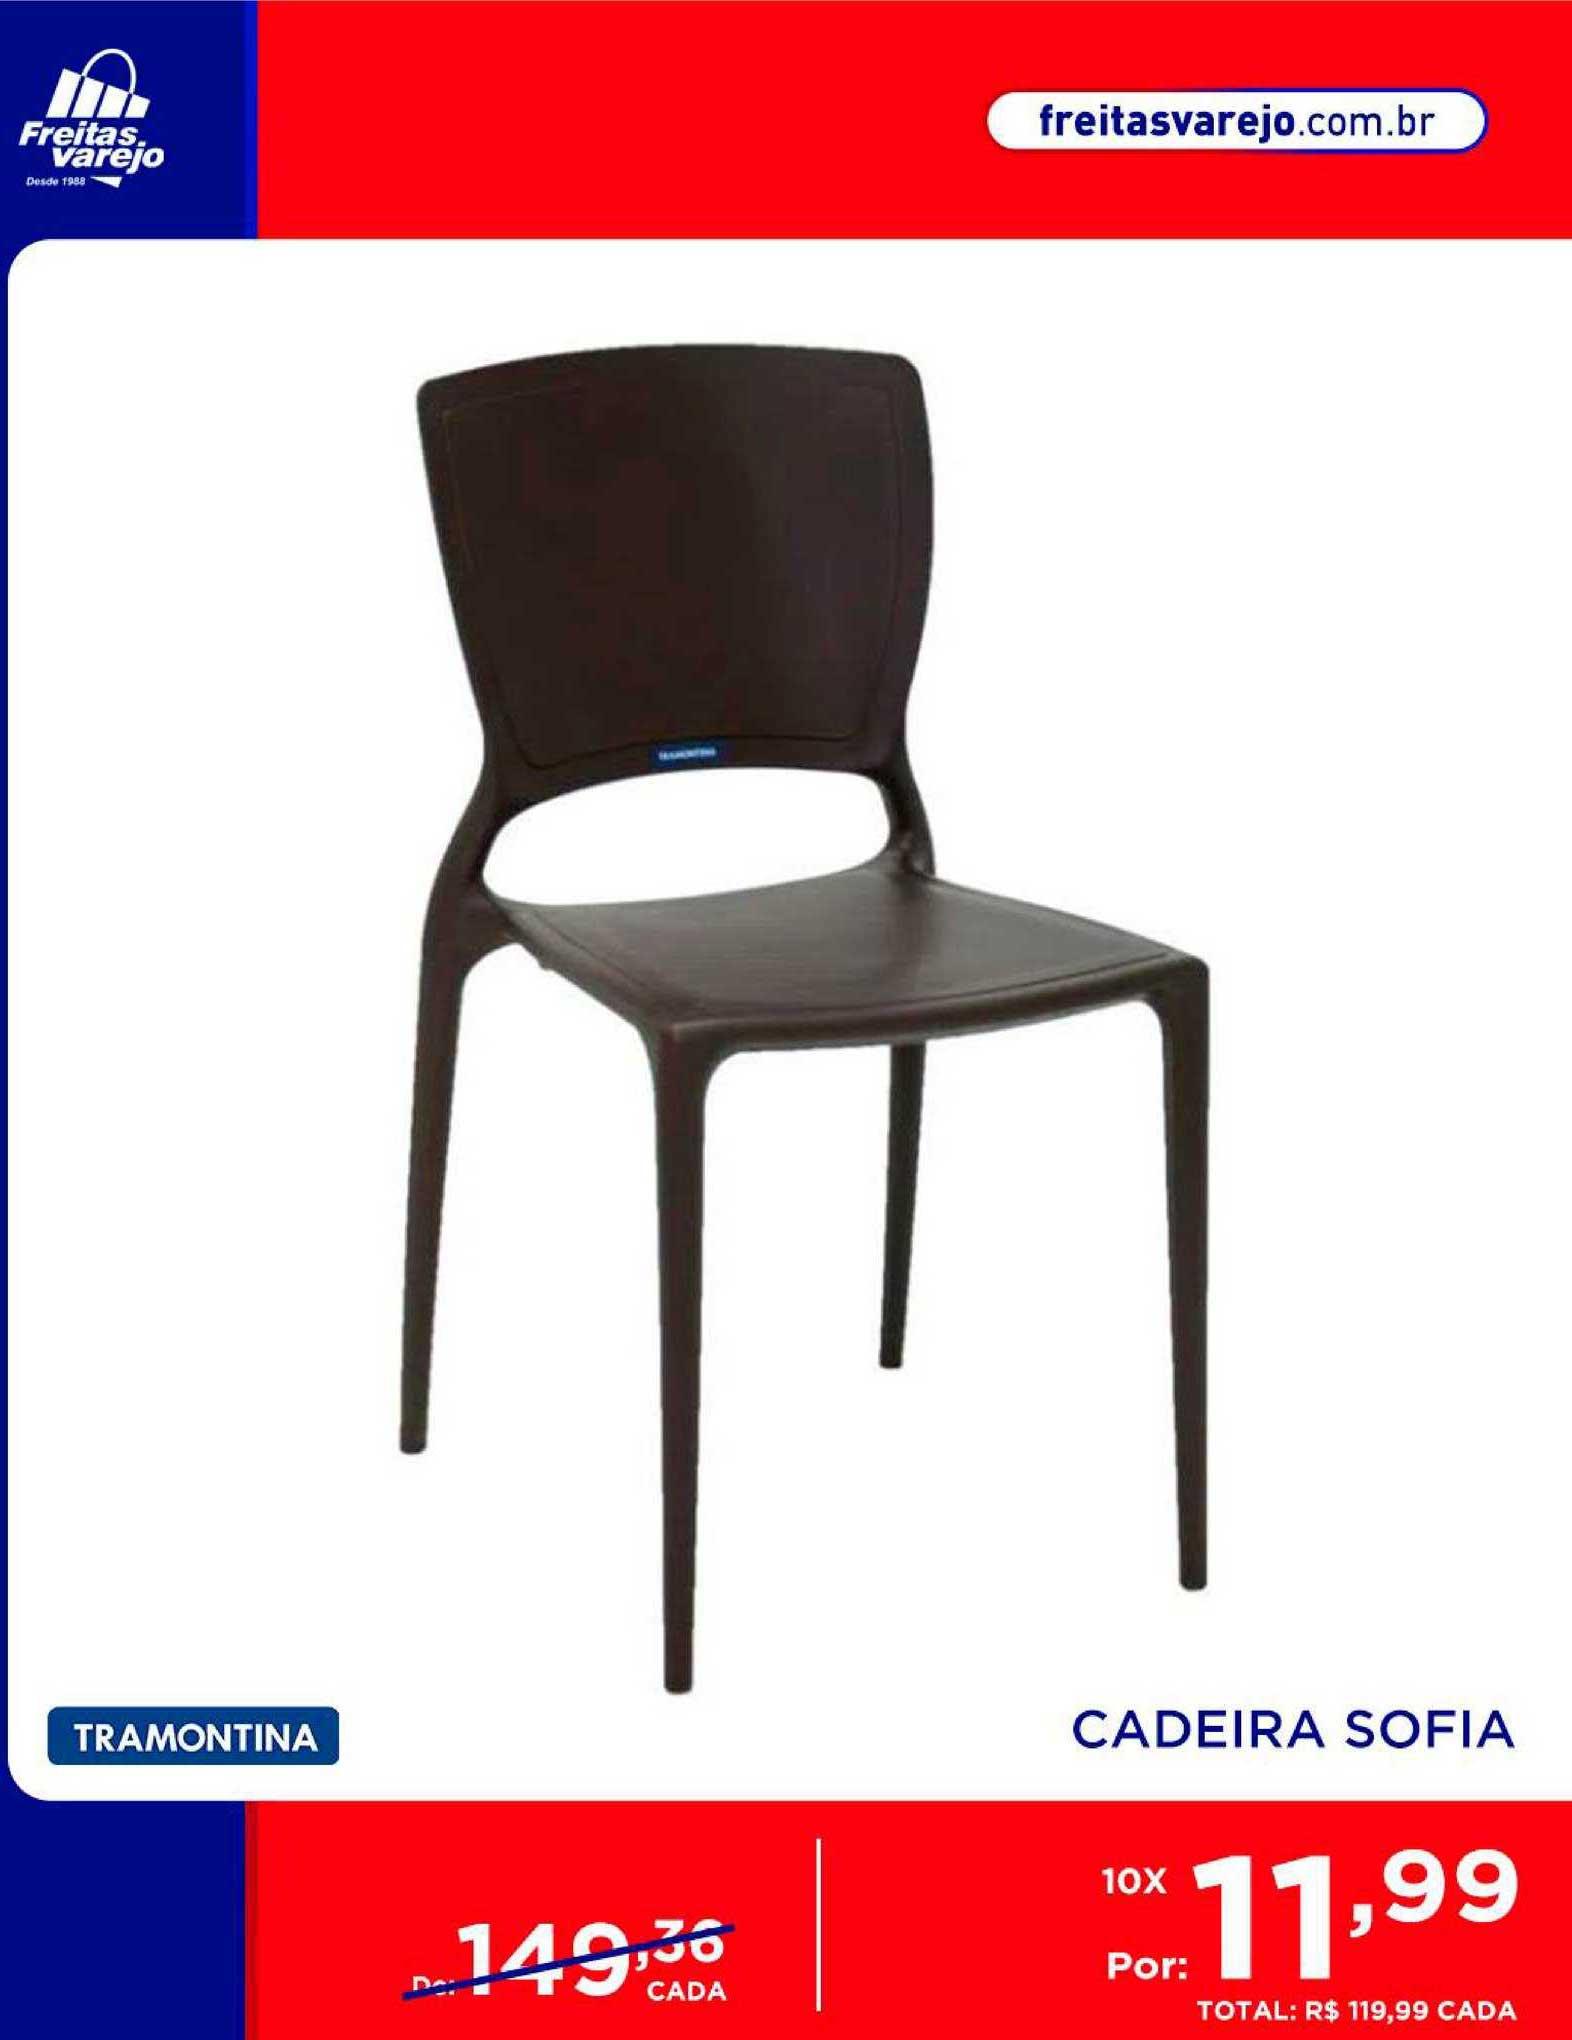 Freitas Varejo Cadeira Sofia